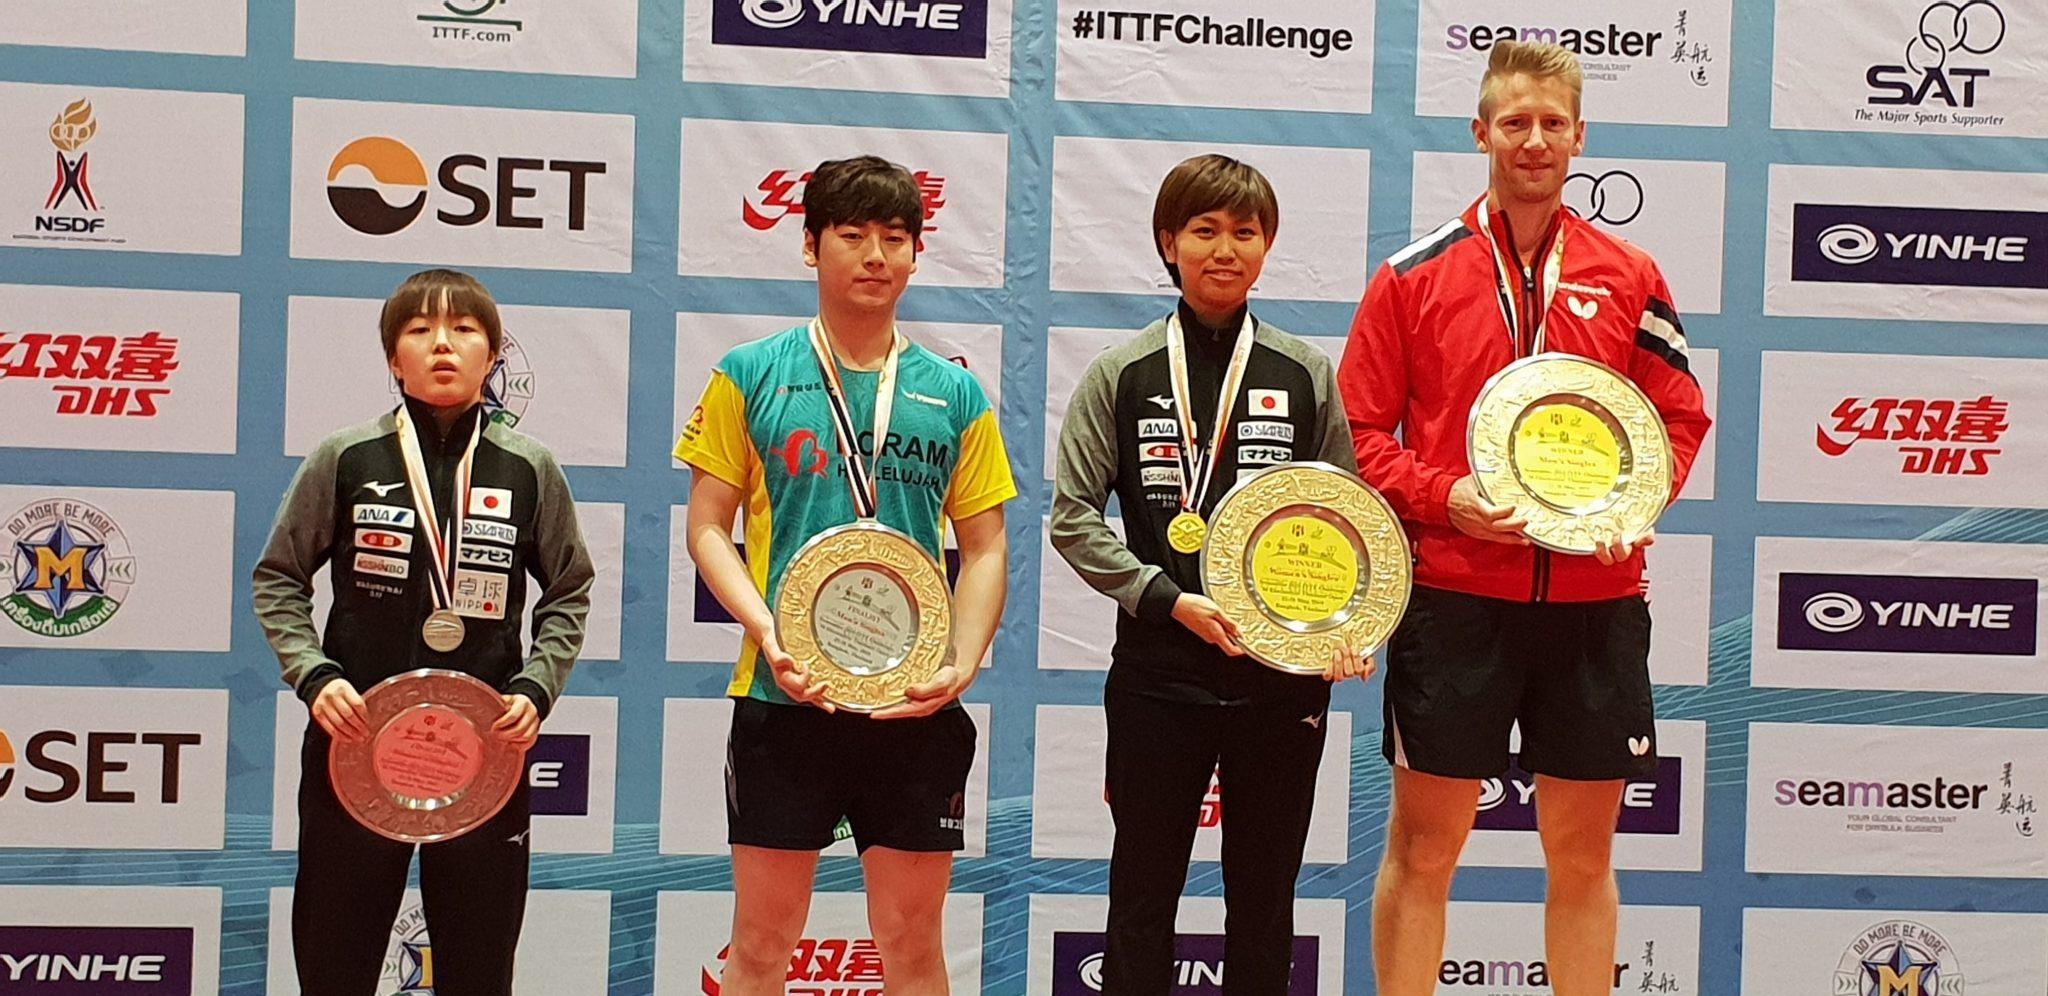 【ITTF ワールドツアー タイオープン】フィルス選手(ドイツ)佐藤瞳選手がシングルスを制す